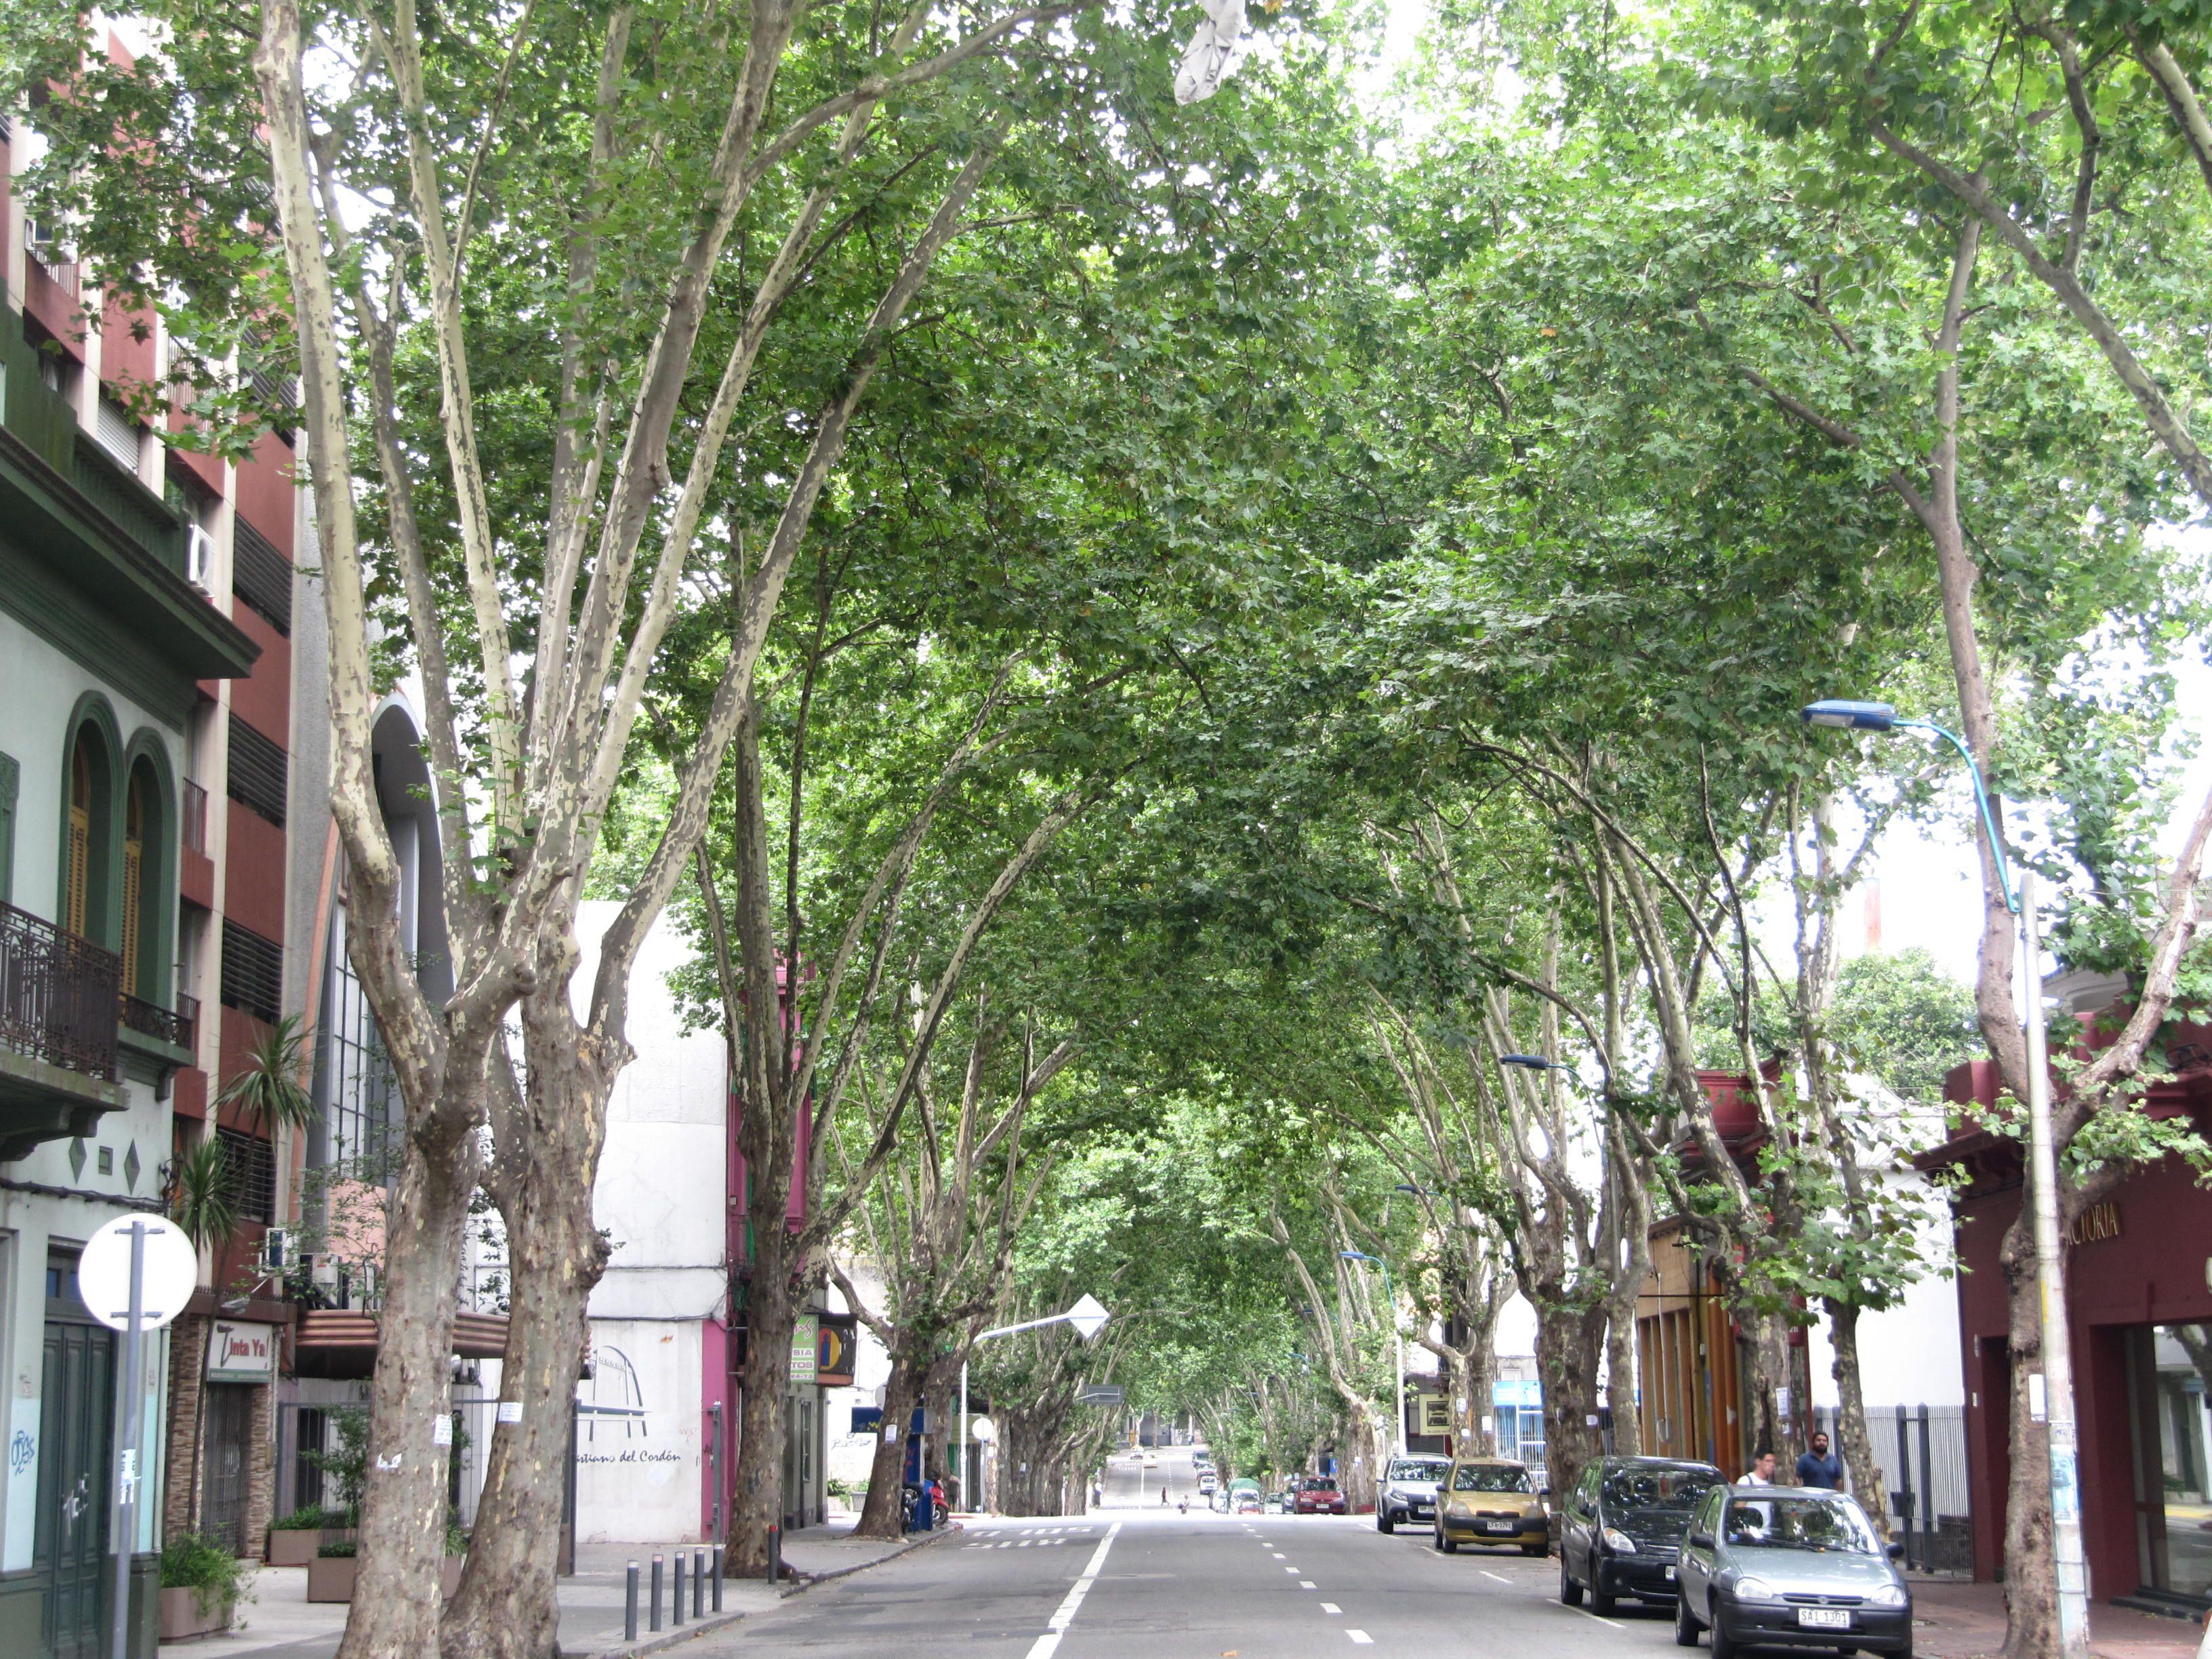 Rivera tranquilizada a la sombra de un techo de hojas.Avda Rivera,Montevideo,Uruguay.